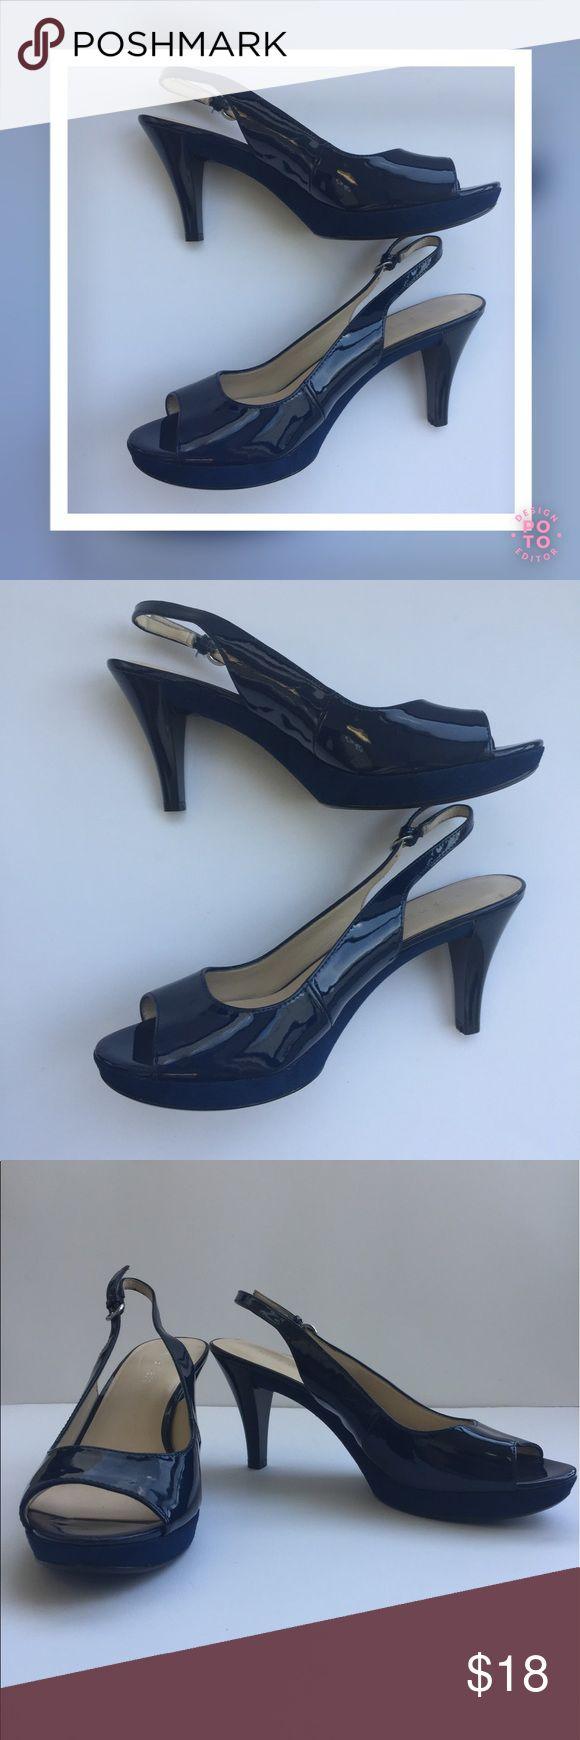 """Selling this NINE WEST """"Karoo"""" Blue Patent Slingback Sandals on Poshmark! My username is: amore923. #shopmycloset #poshmark #fashion #shopping #style #forsale #Nine West #Shoes"""